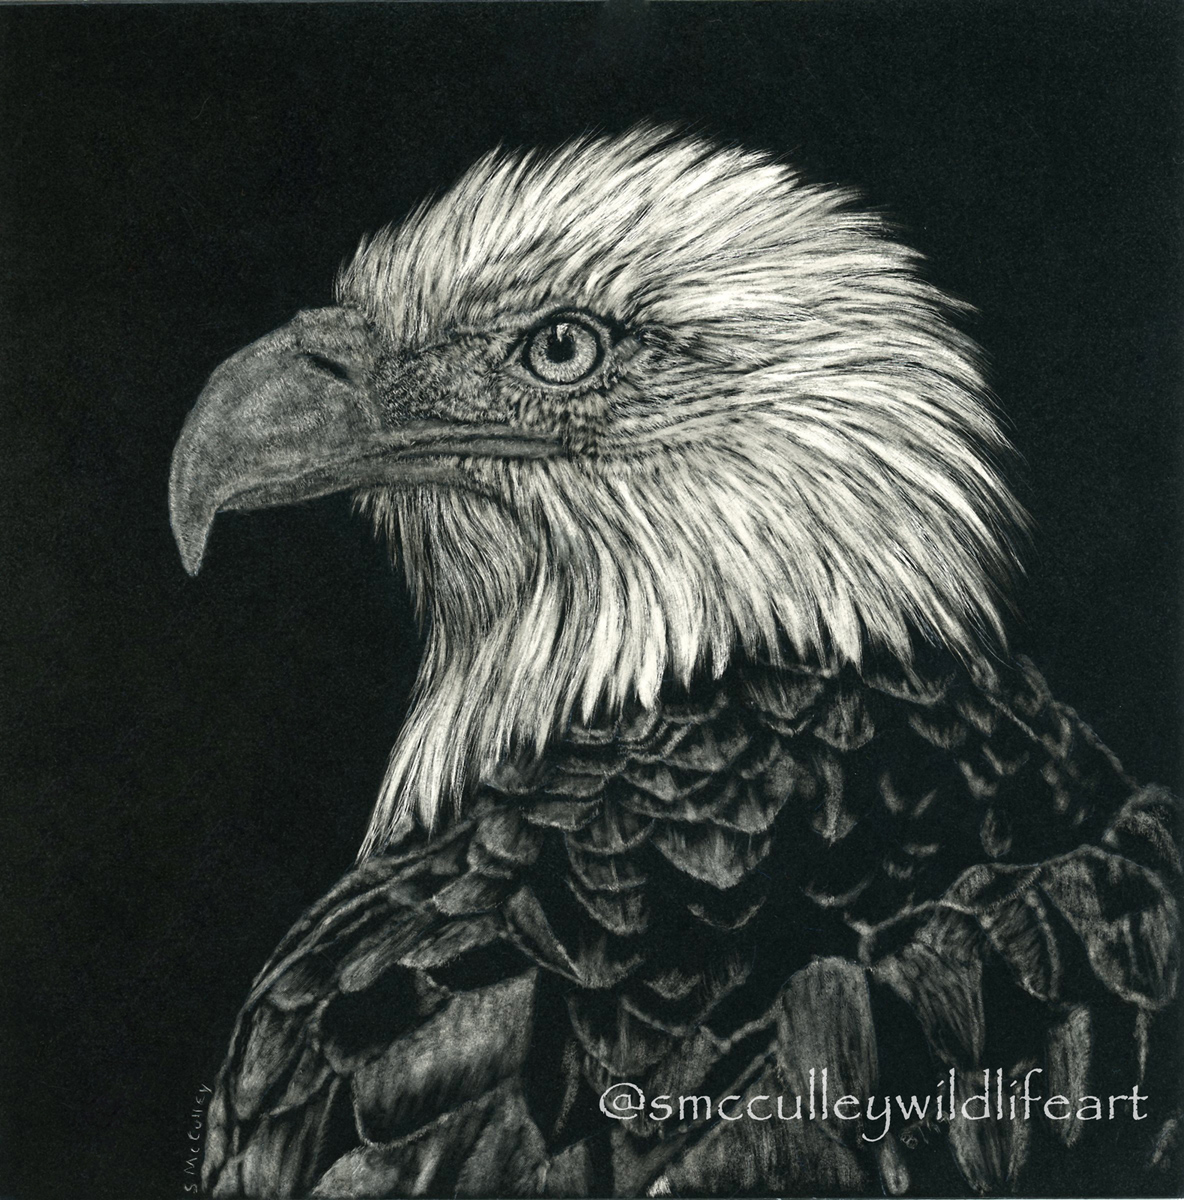 Bald eagle (2019)